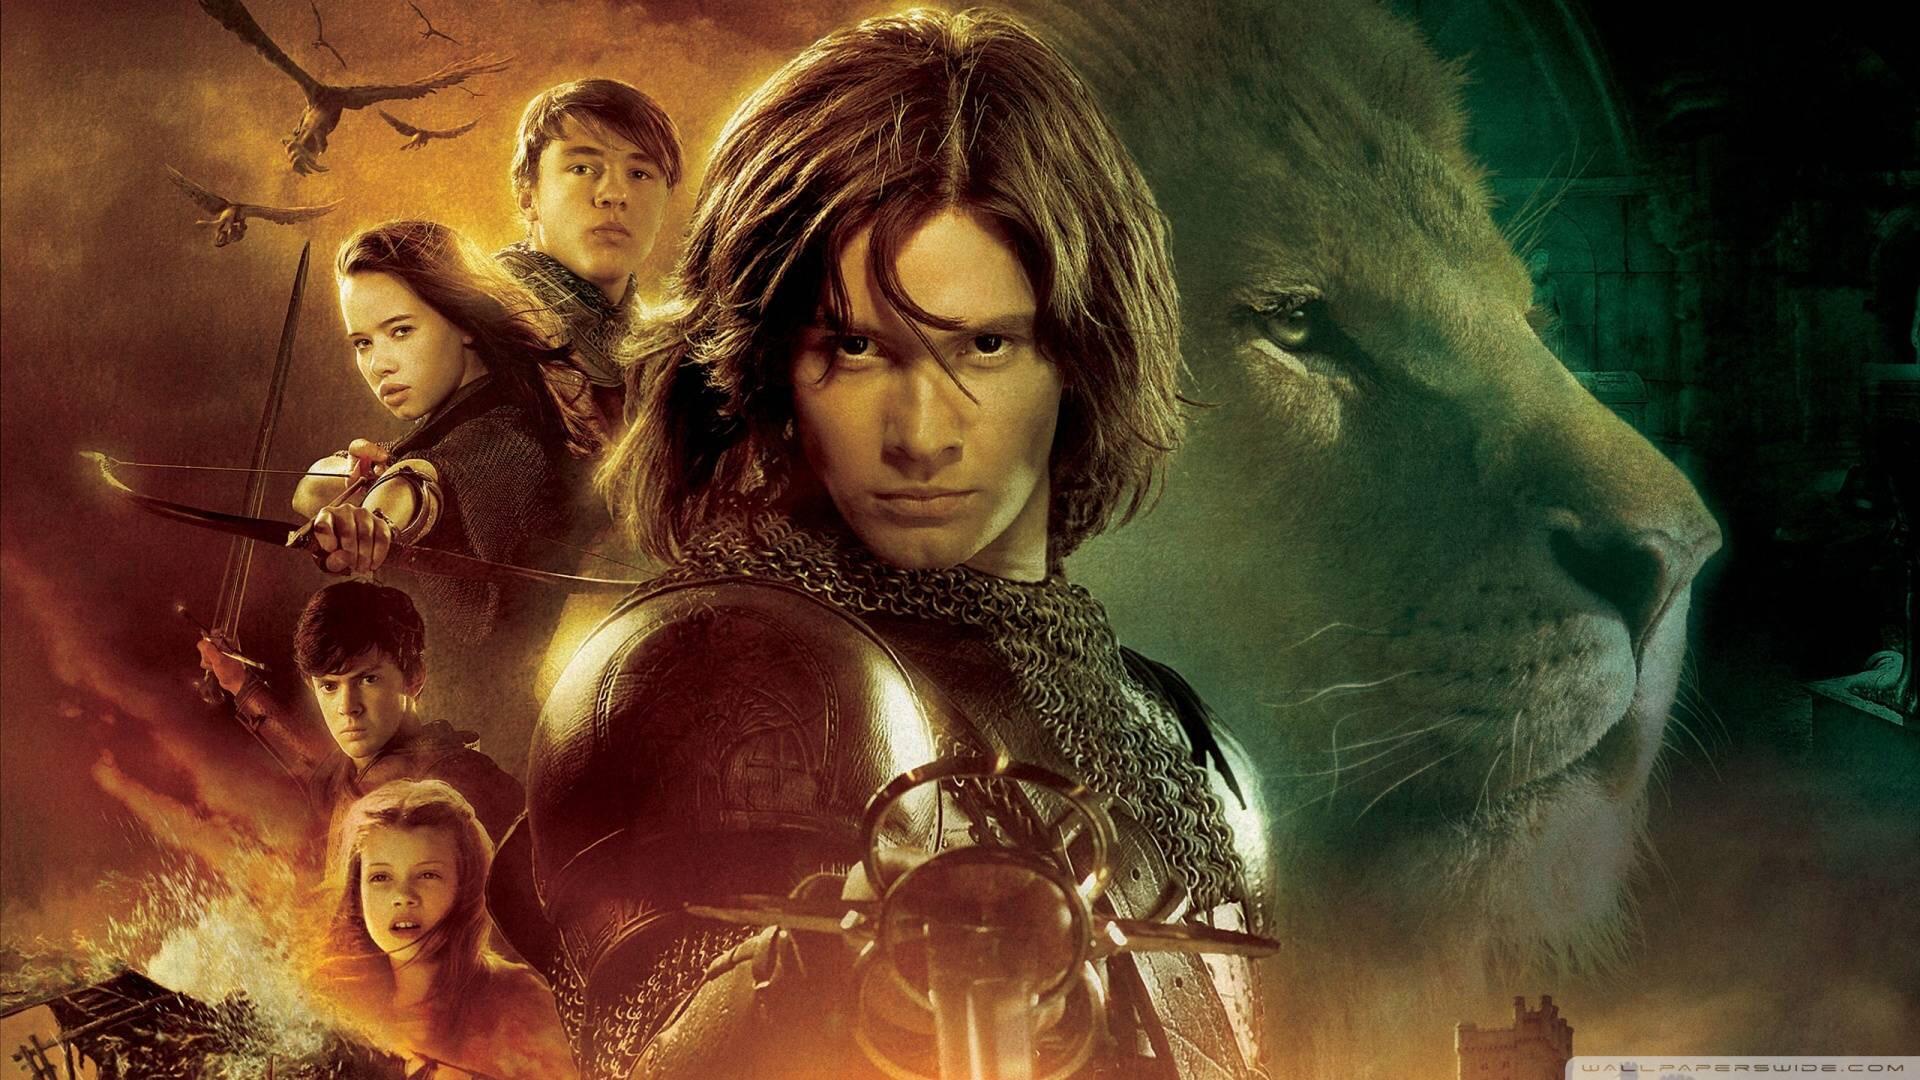 'Las Crónicas de Narnia' regresarán al cine